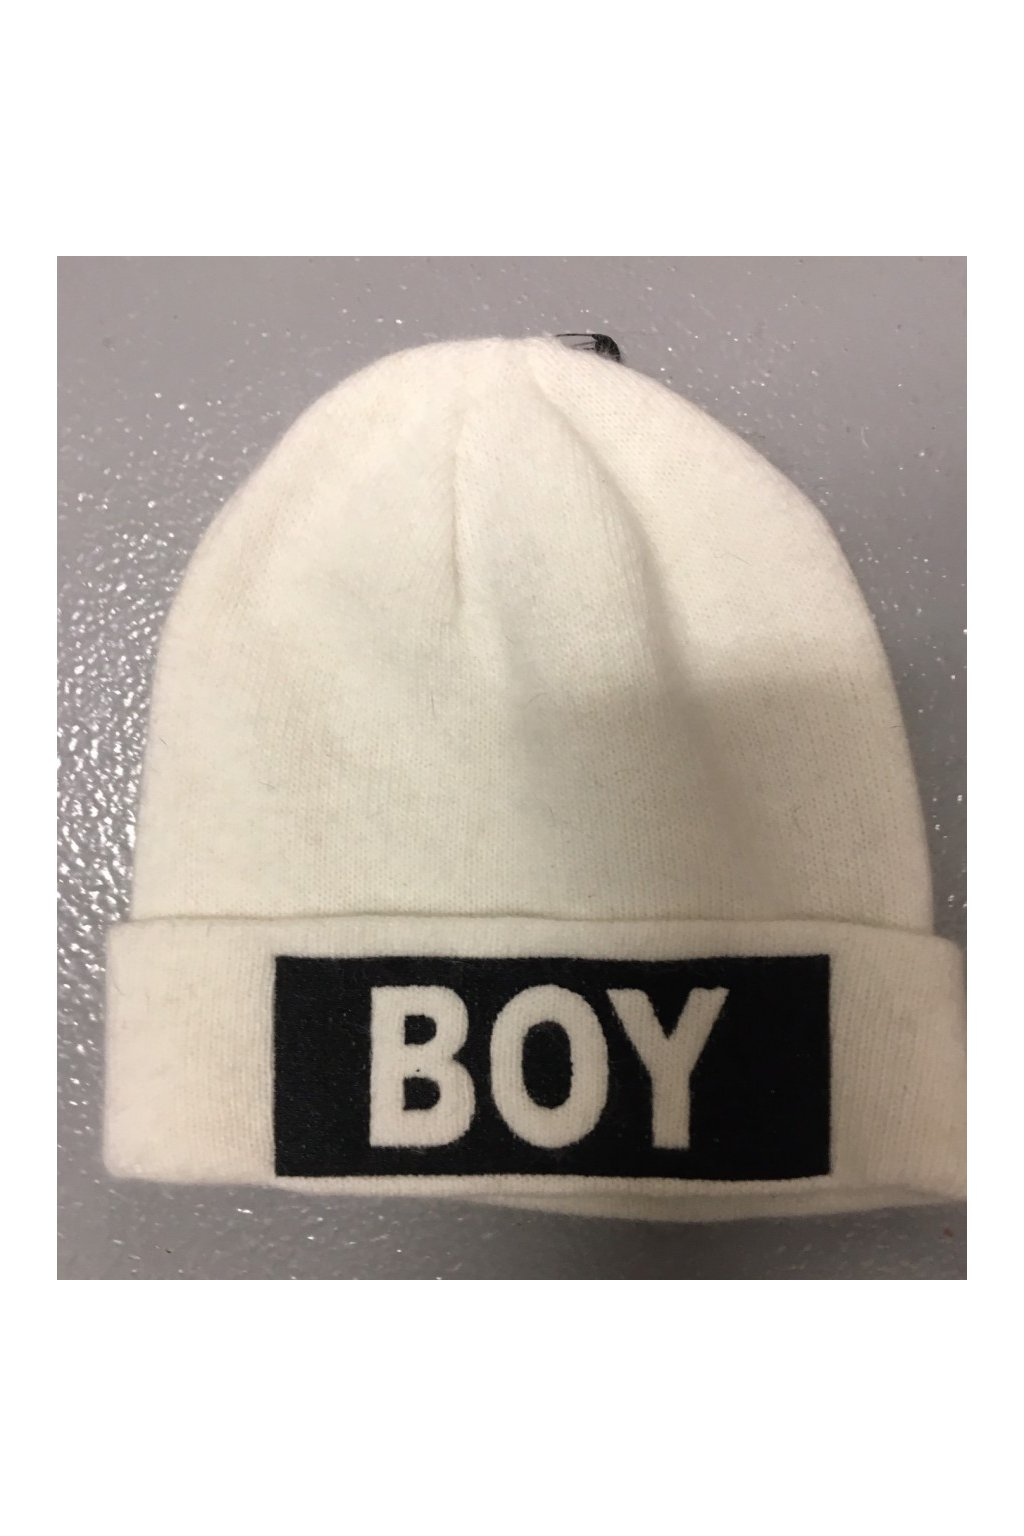 Čepice s bílým nápisem BOY - bílá (Velikost Velikost UNI)